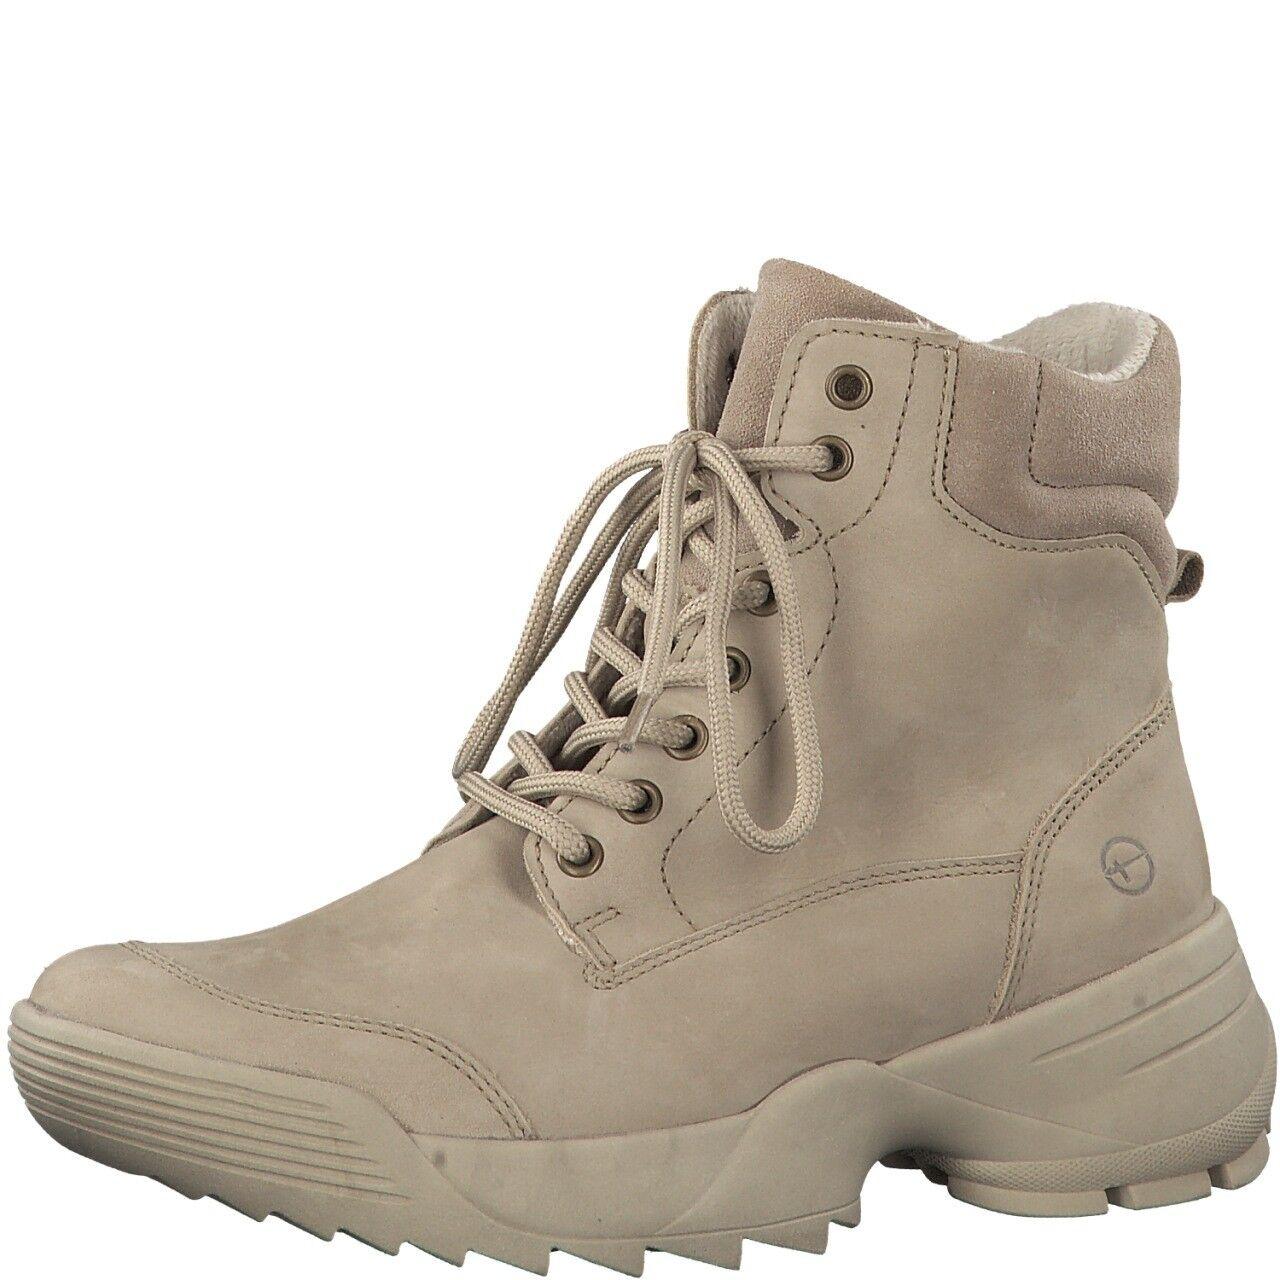 Tamaris Halbschuh Stiefel removable footbed derb dicke Sohle riva schuh